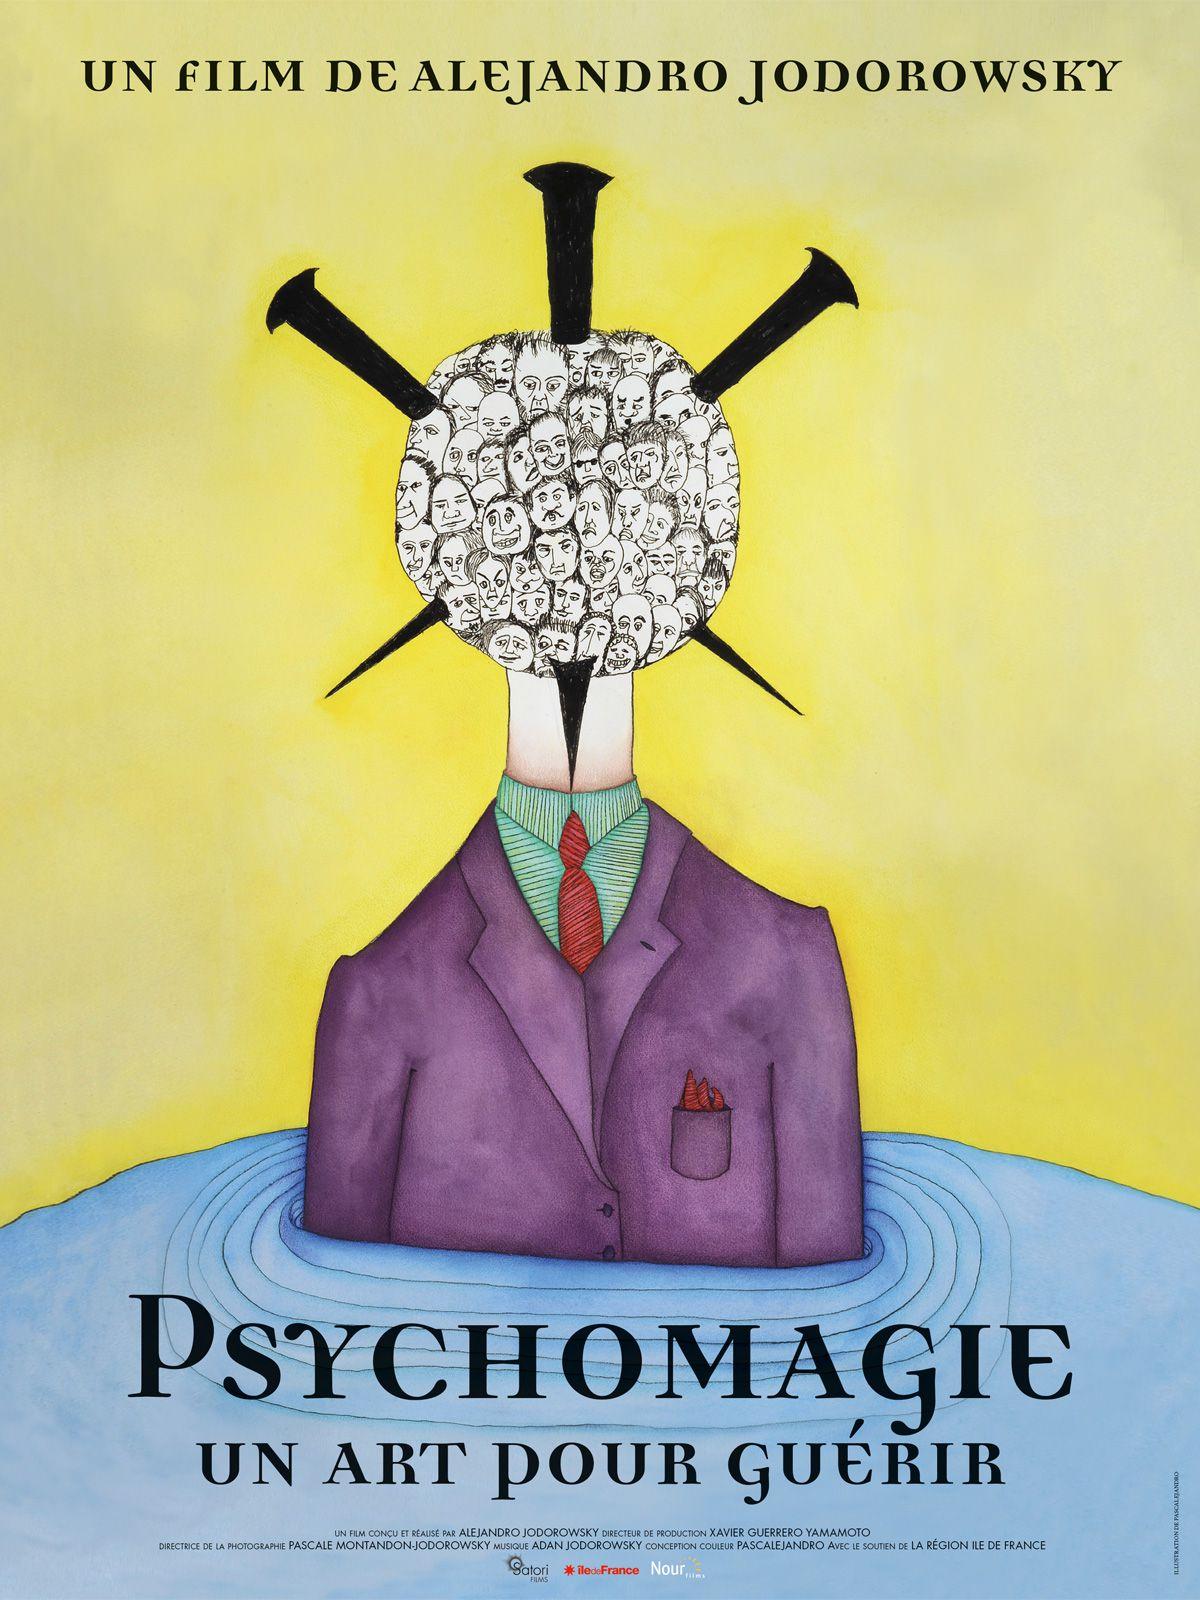 Psychomagie, un art pour guérir - Documentaire (2019)